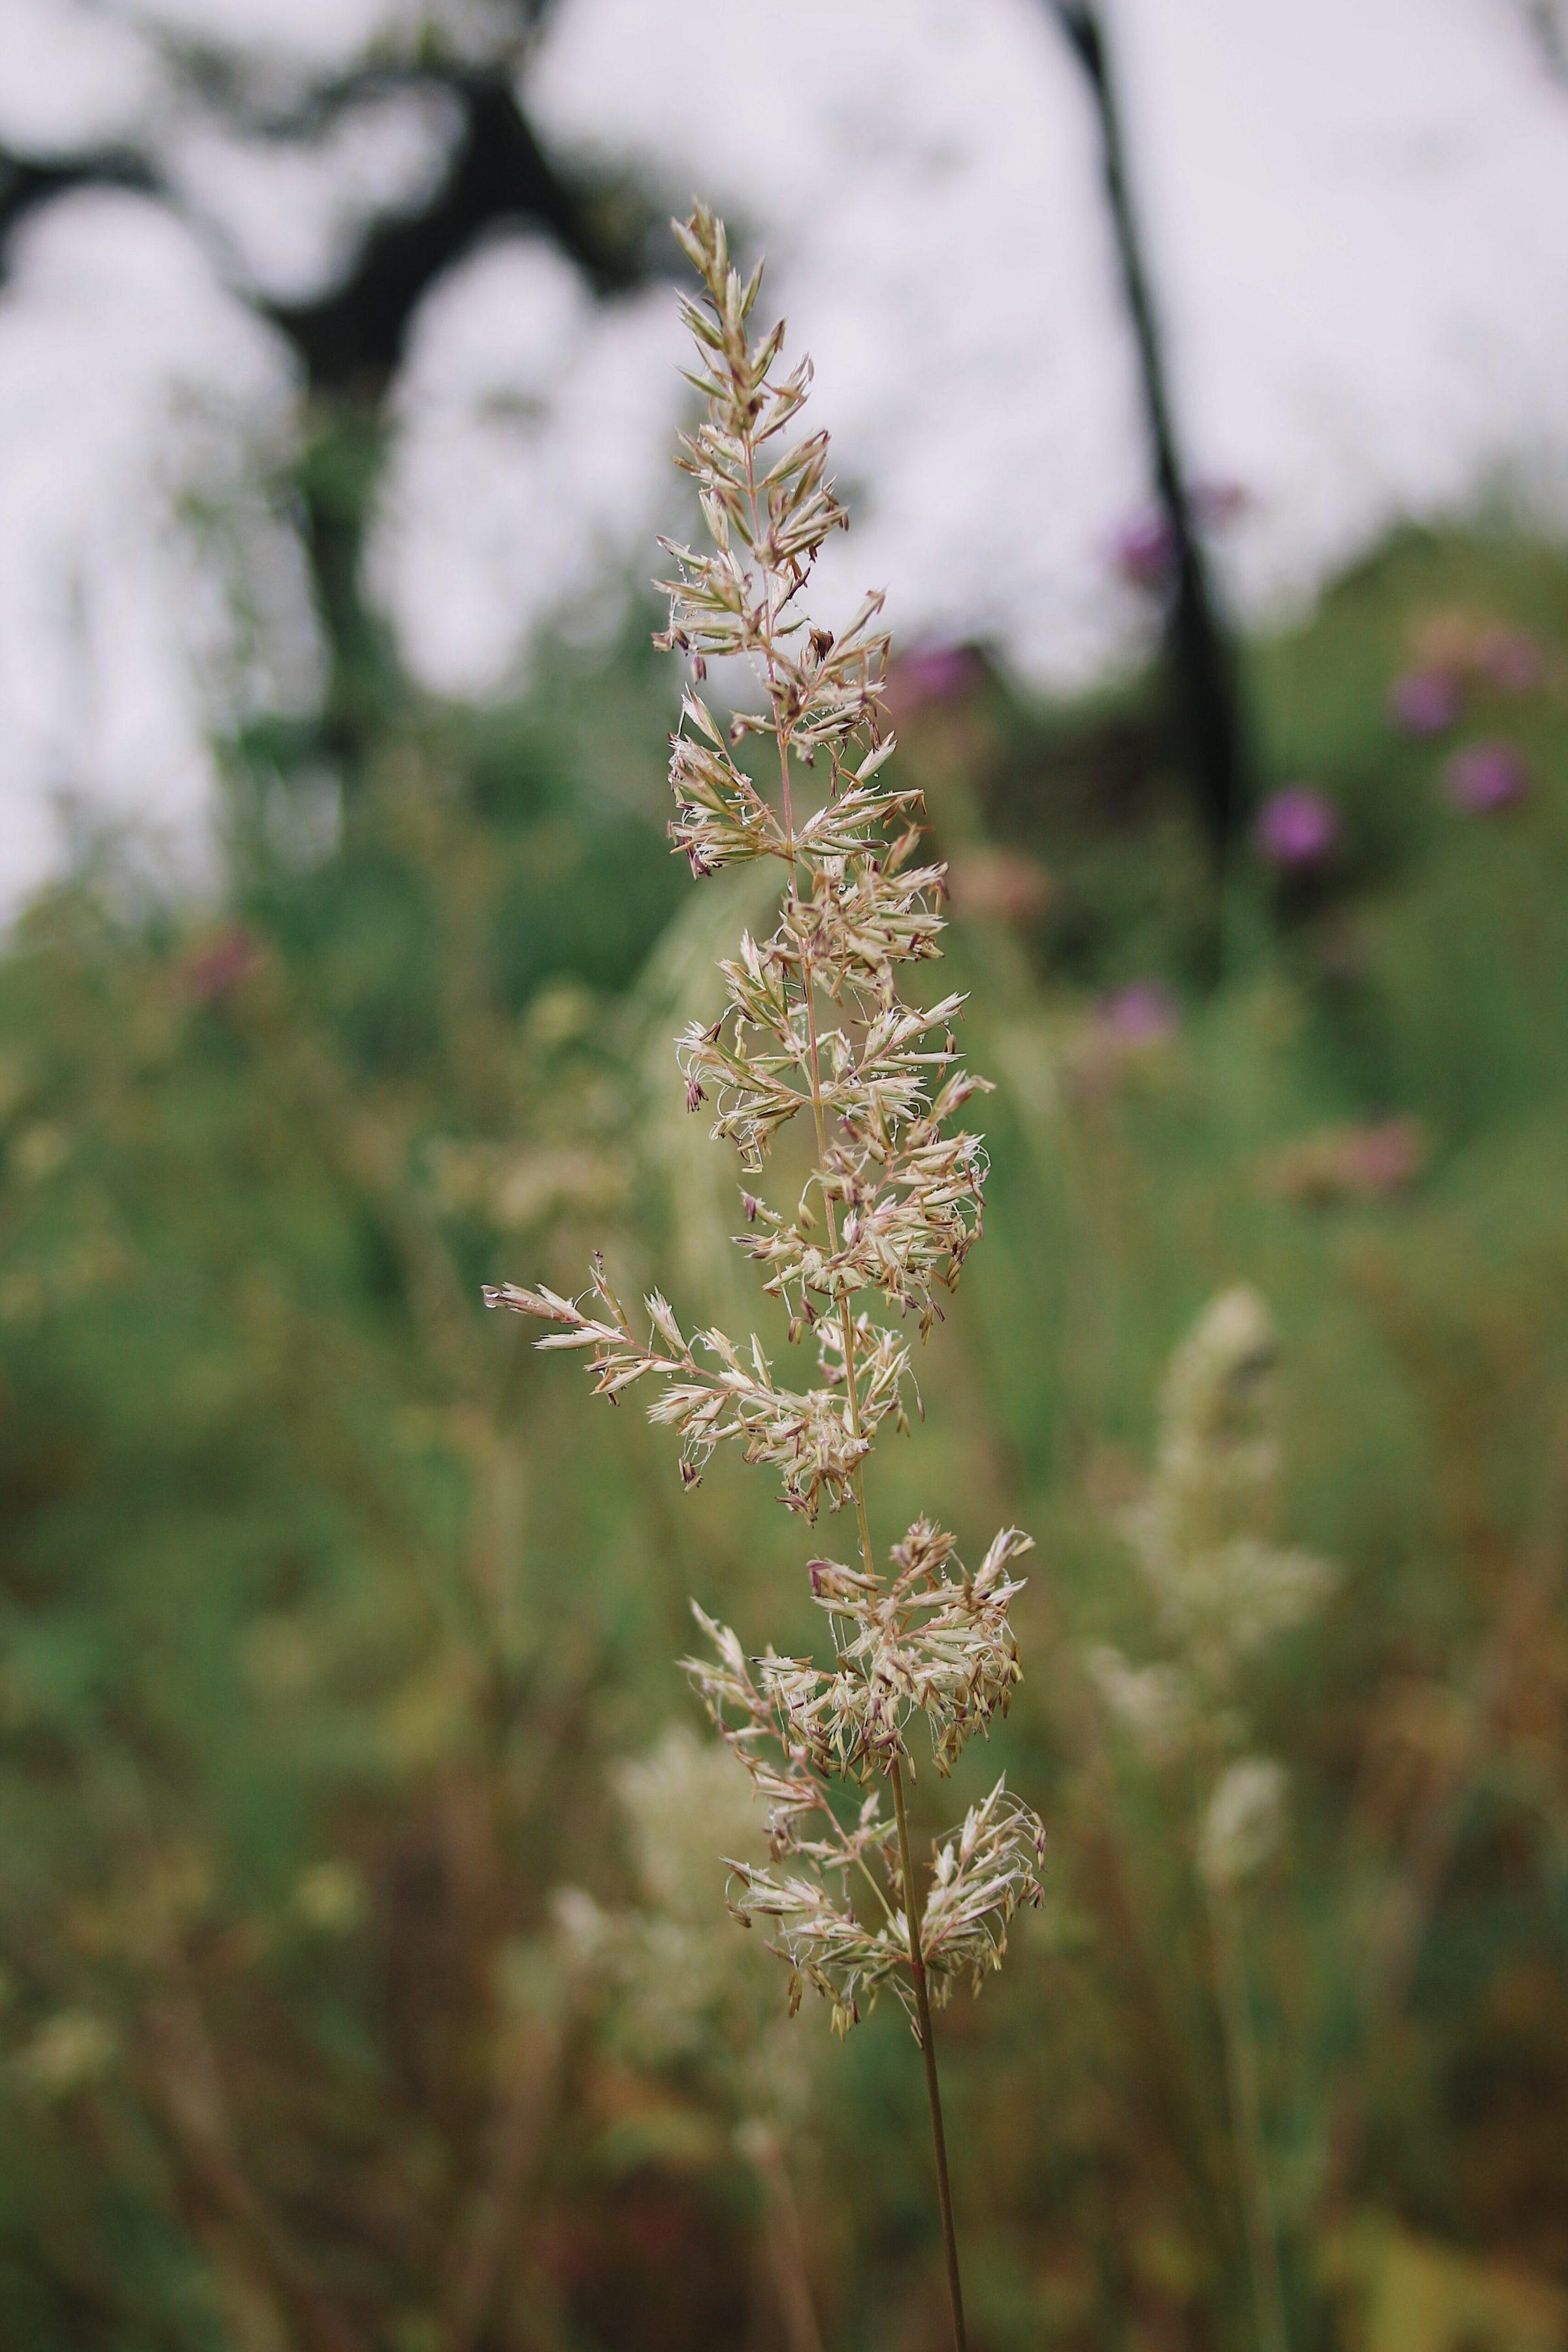 Prairie Junegrass